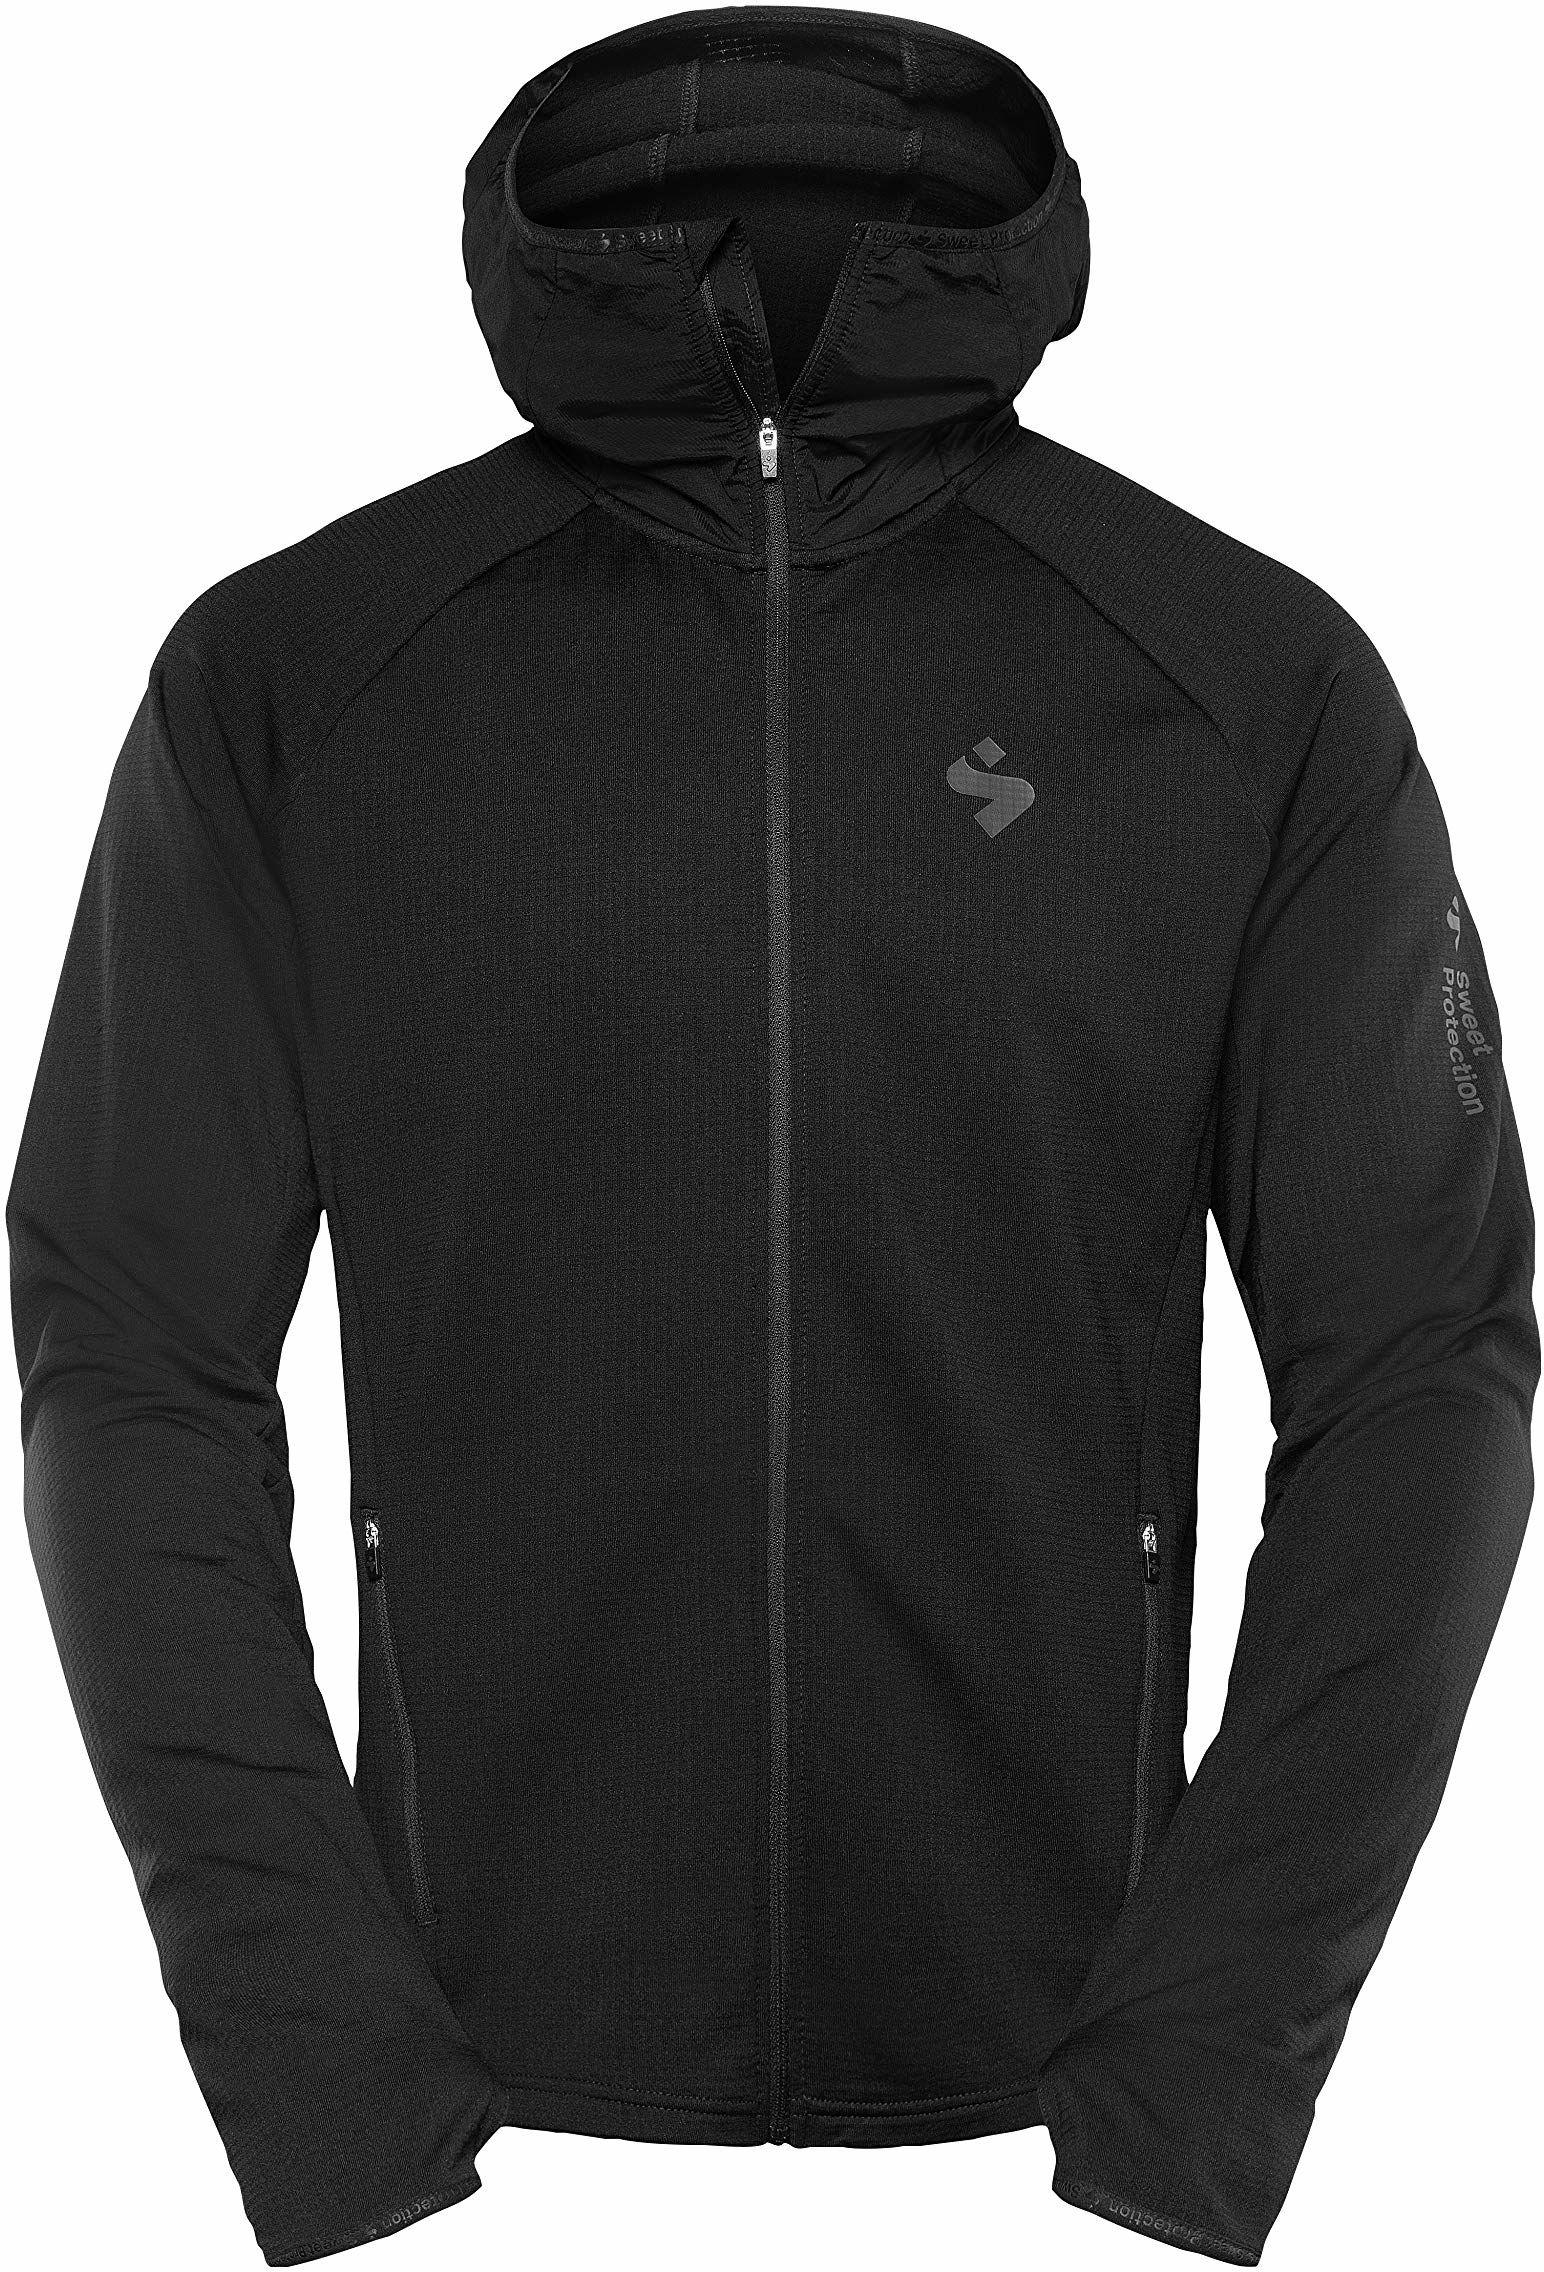 Sweet Protection męska koszulka Hunter Midlayer F/Z M Jersey czarny czarny S